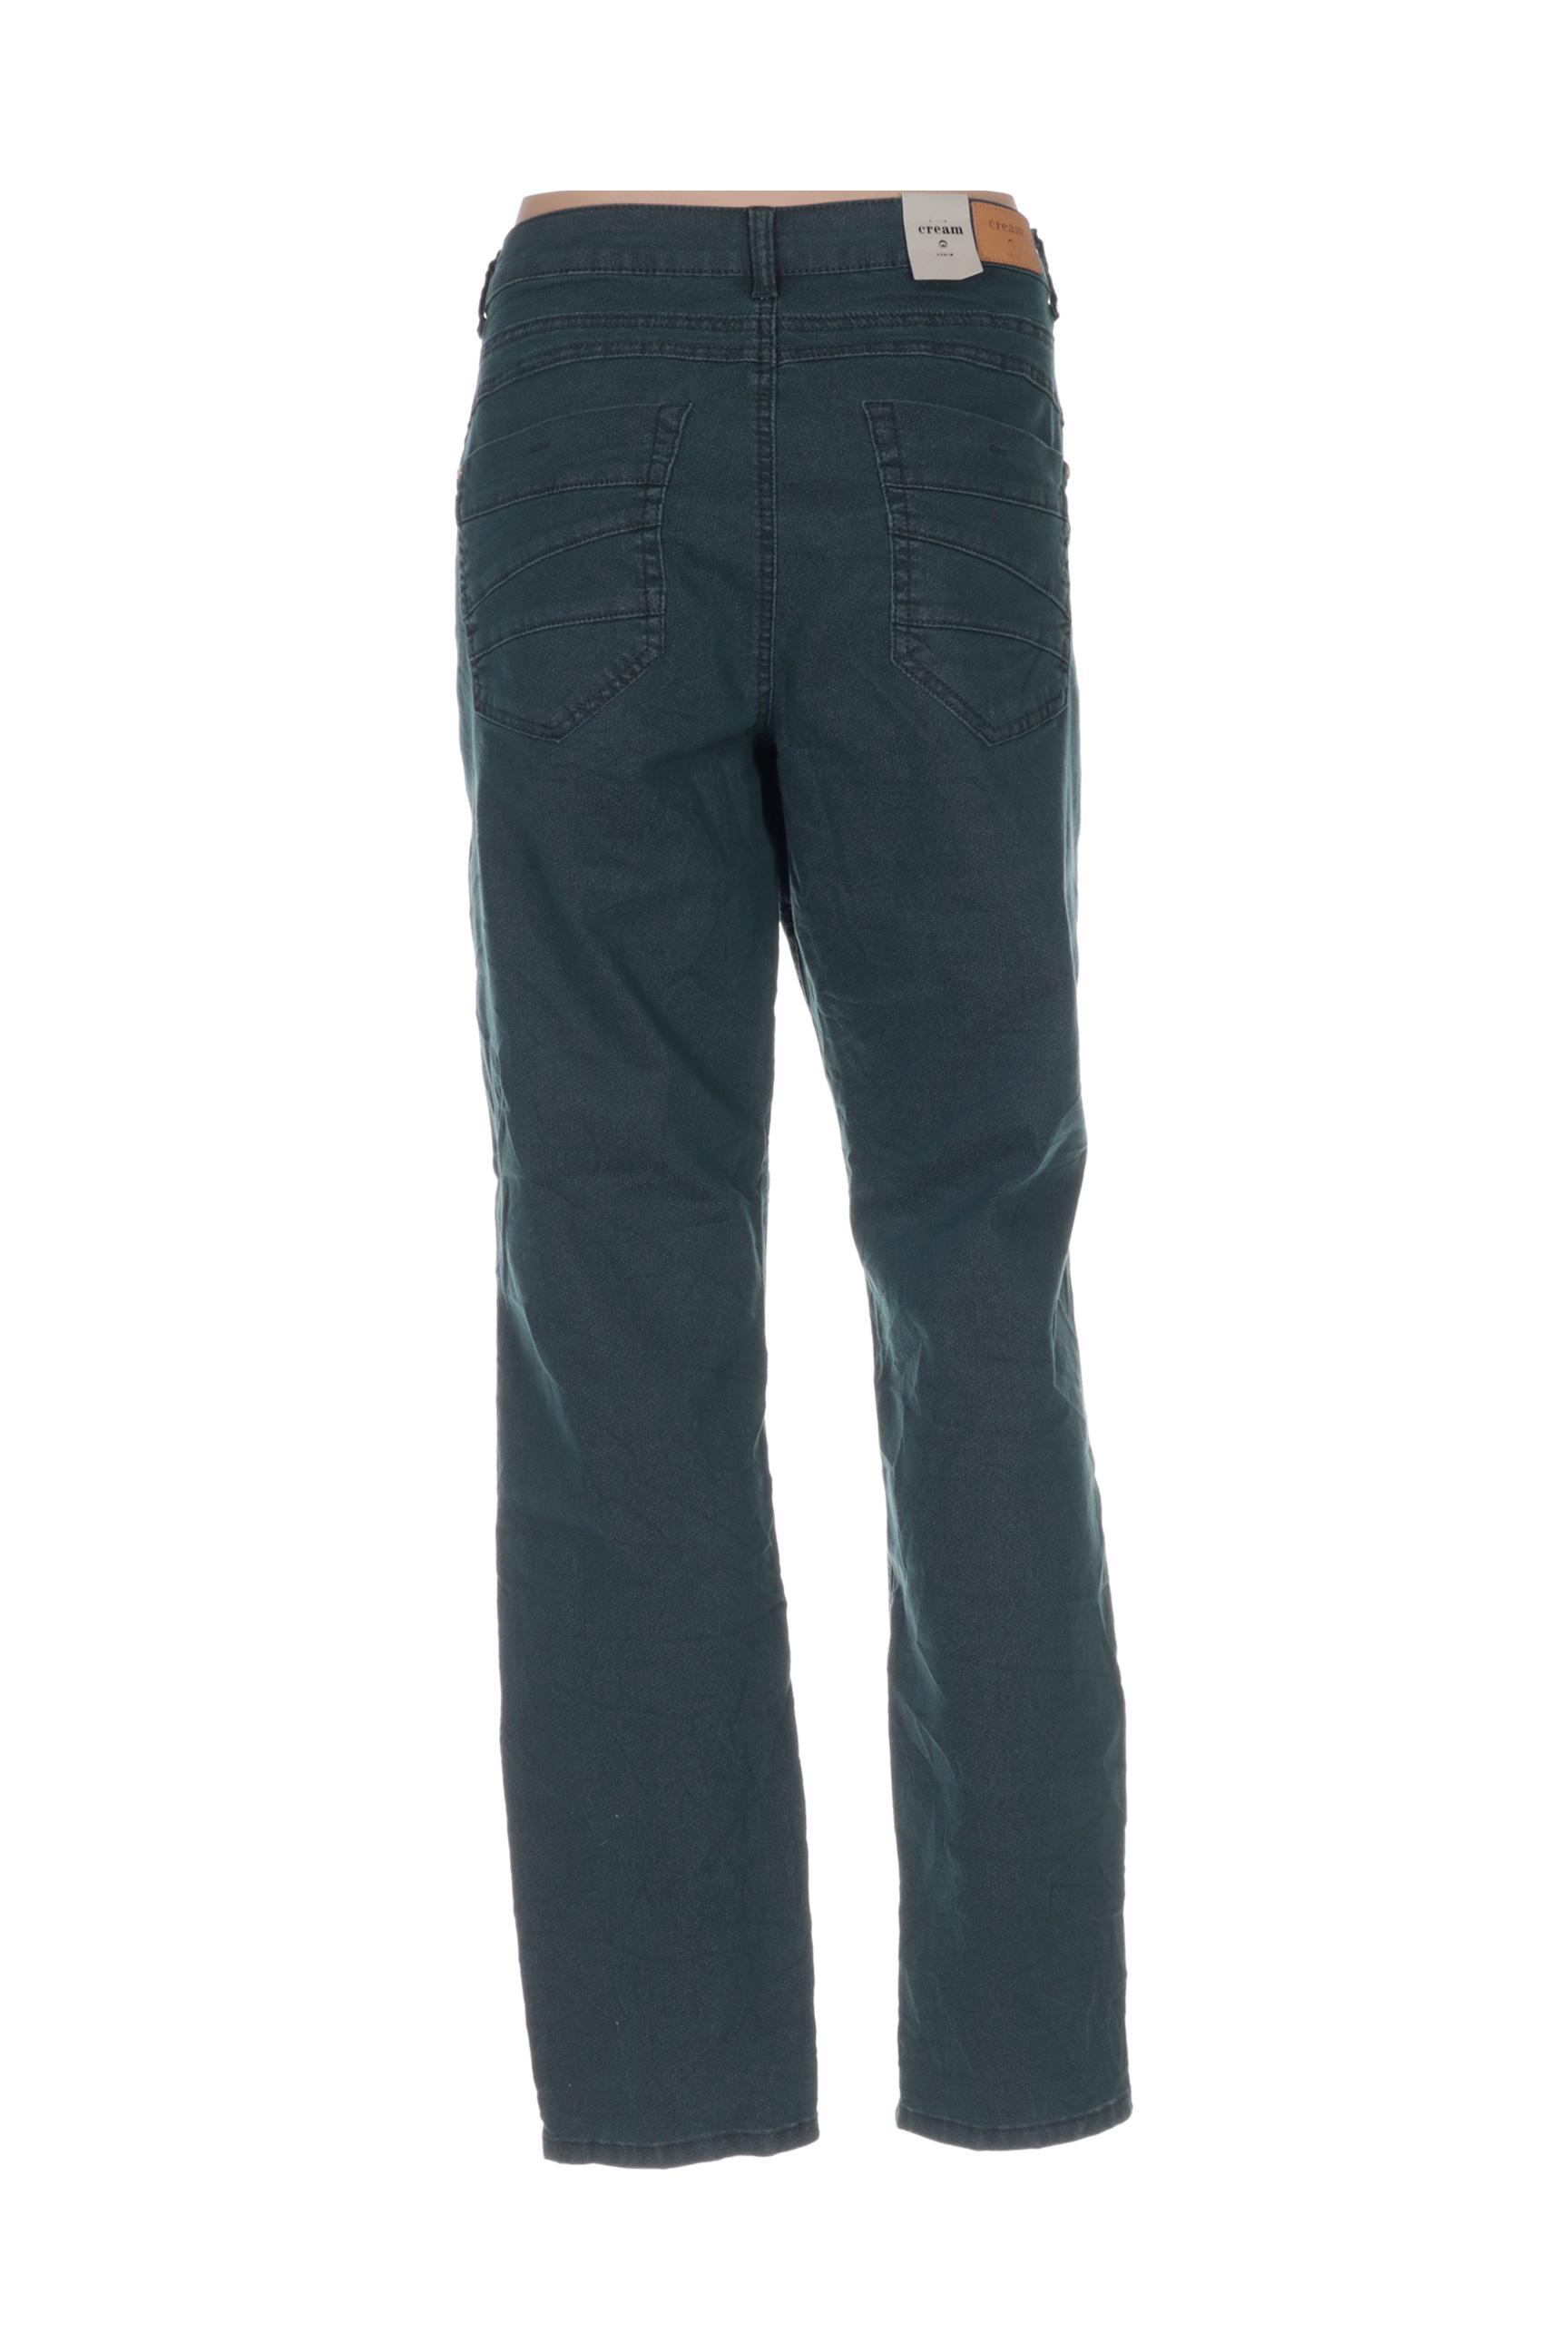 Cream Pantalons Decontractes Femme De Couleur Vert En Soldes Pas Cher 1434542-vert00